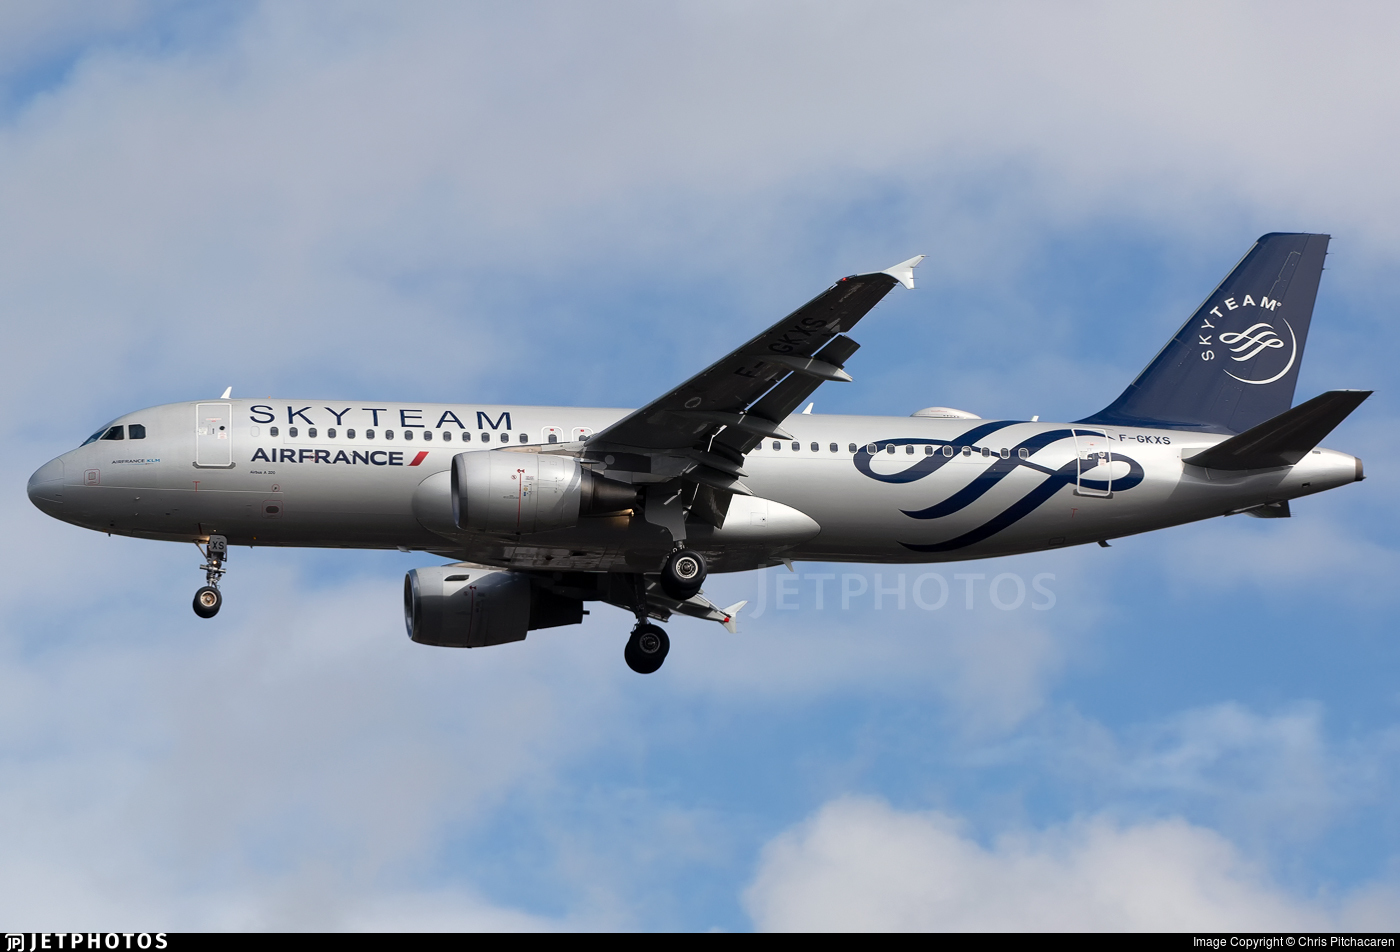 F-GKXS - Airbus A320-214 - Air France